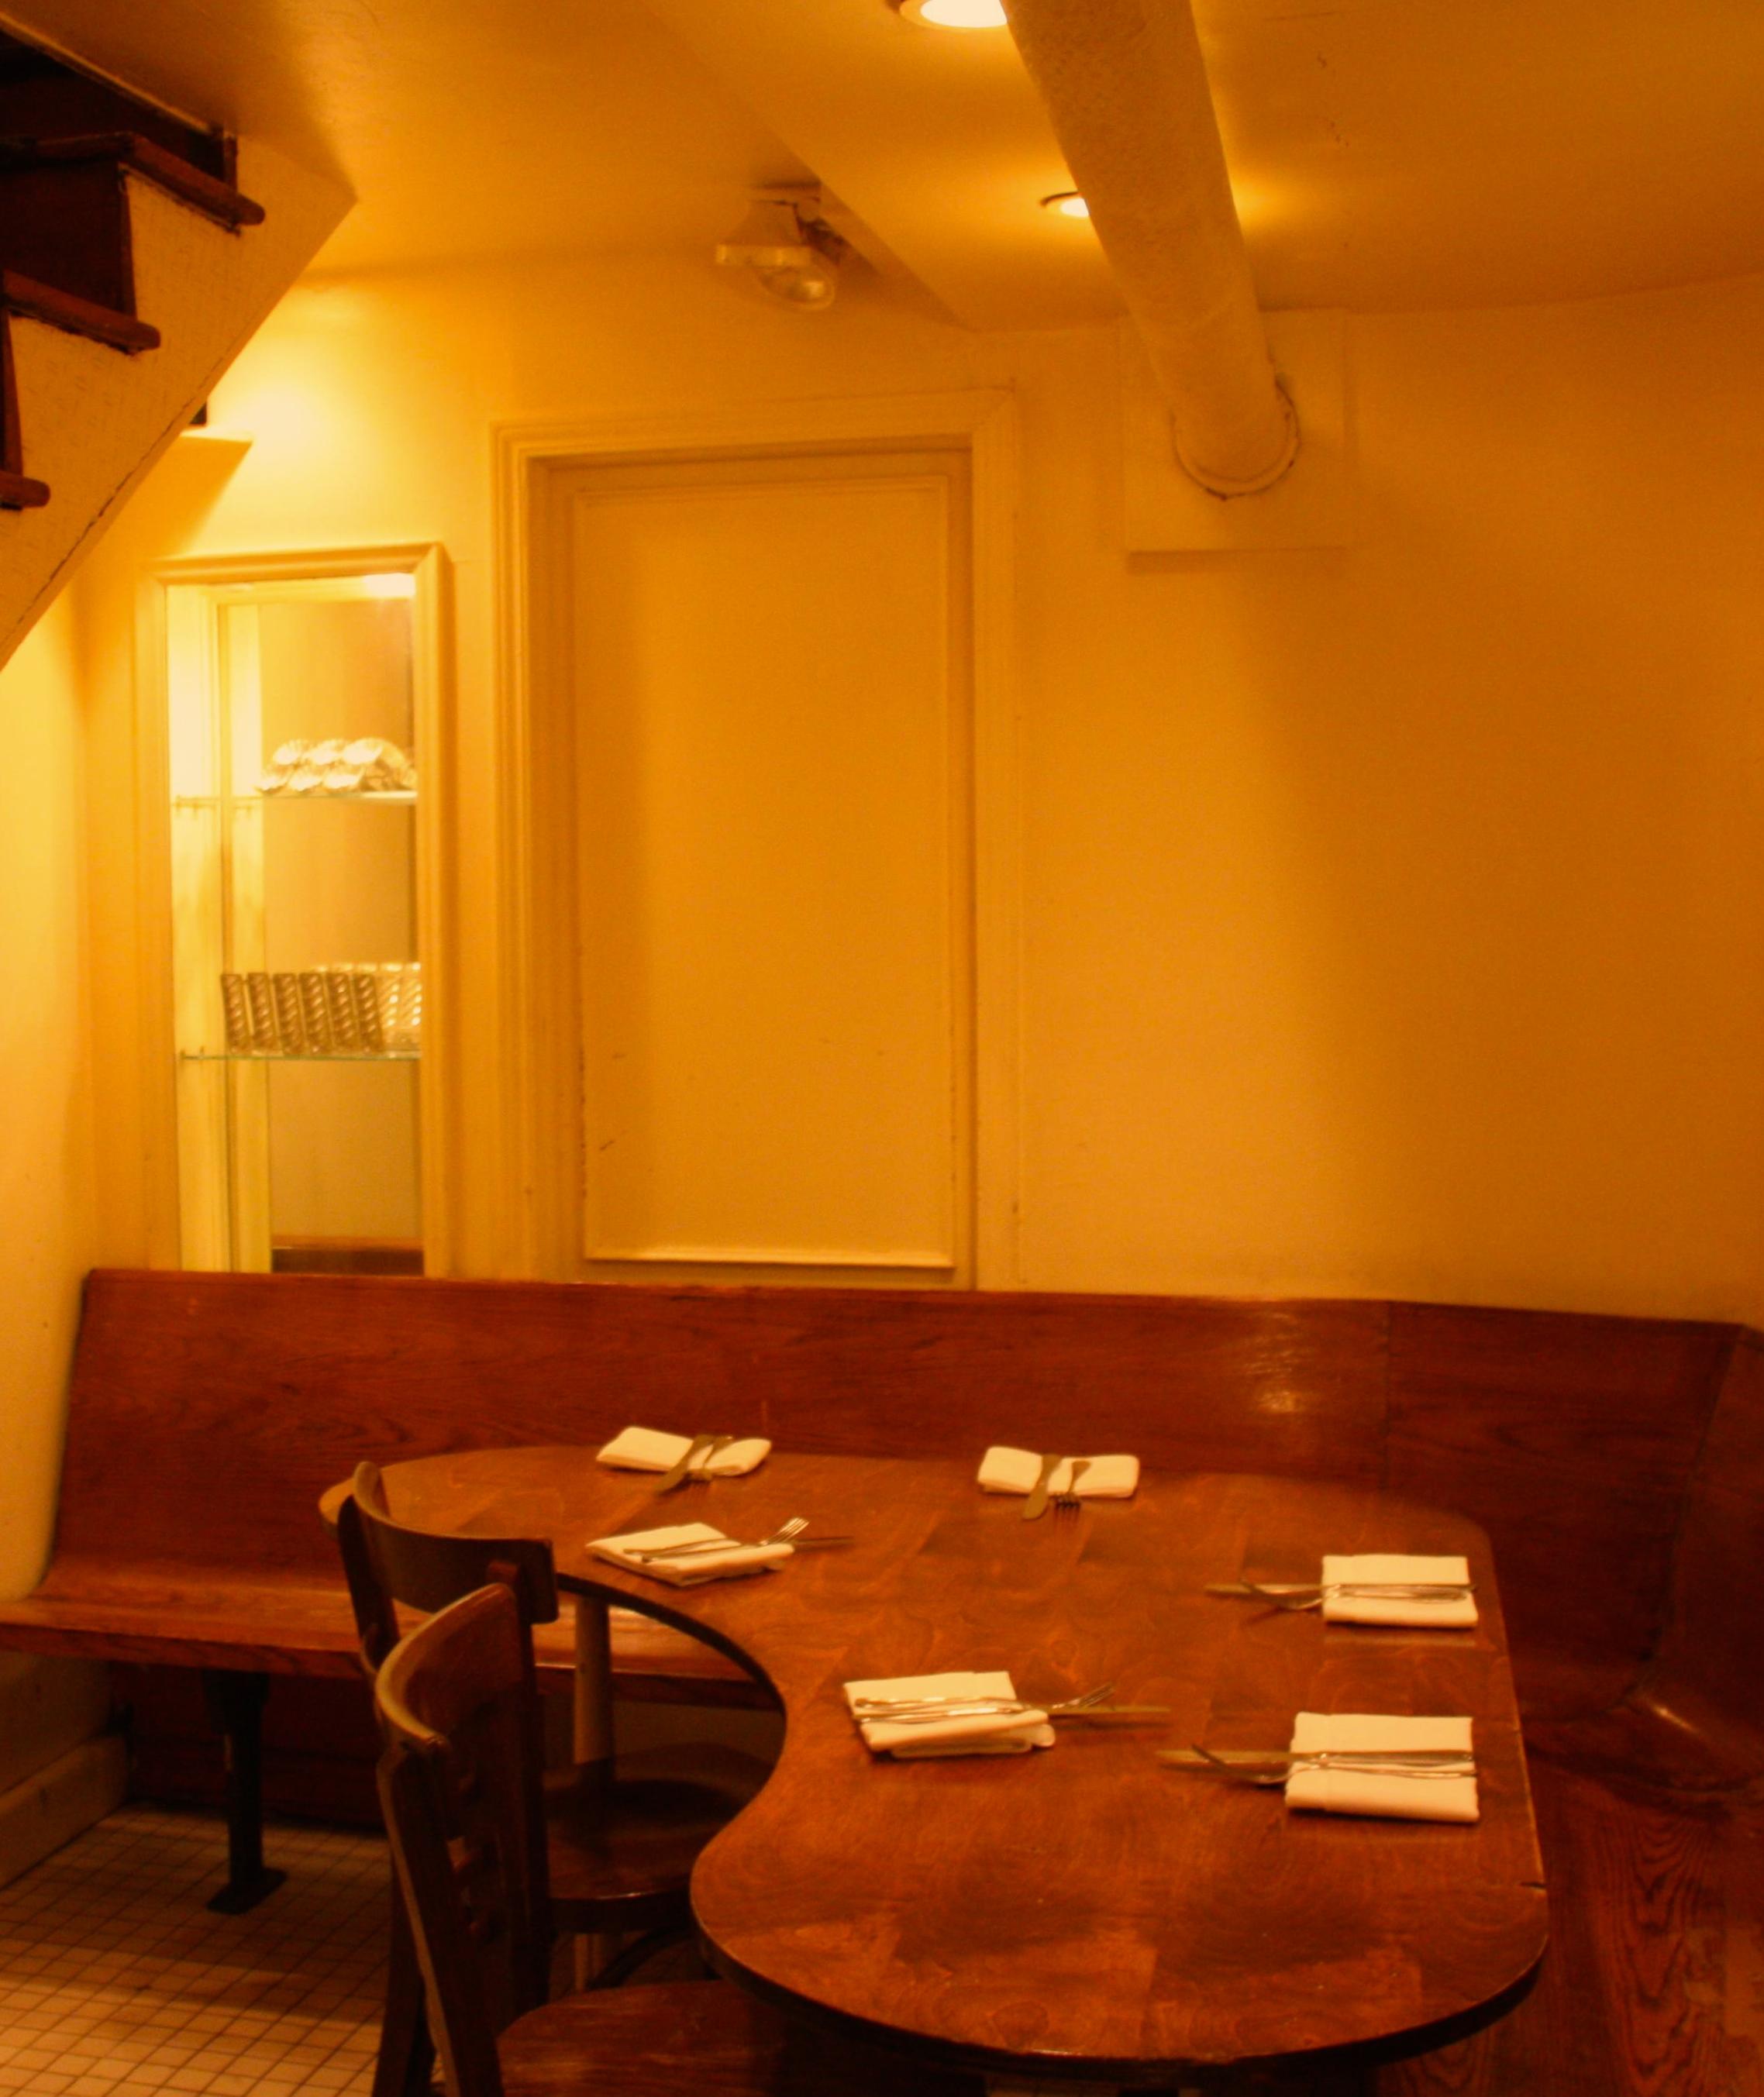 semi private dining prune restaurant